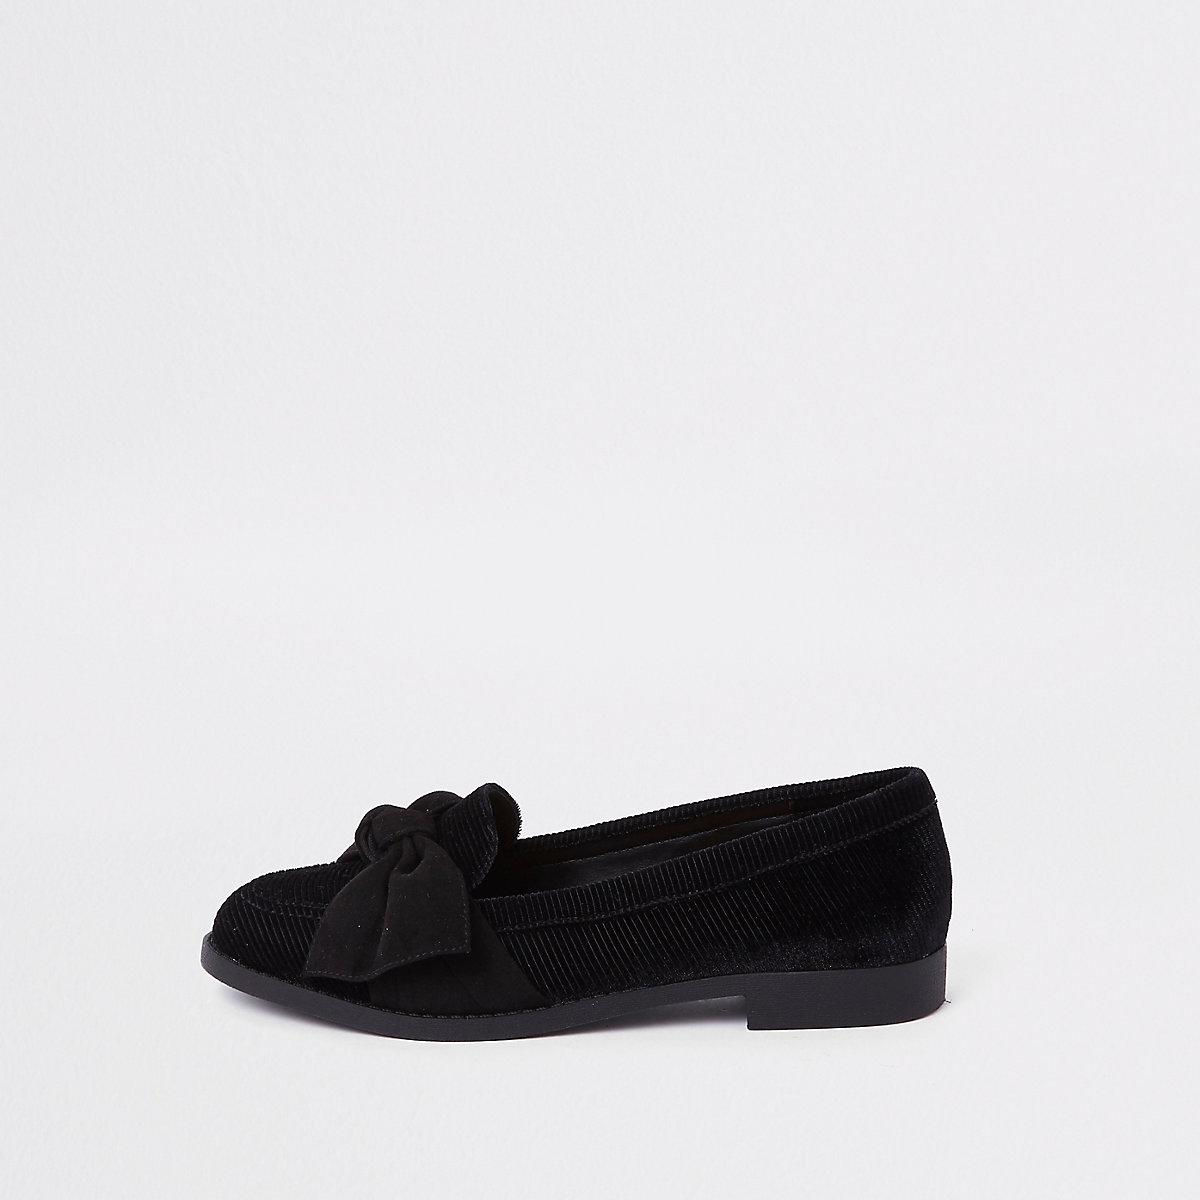 Schwarze Loafer in Wildlederoptik mit Schleife